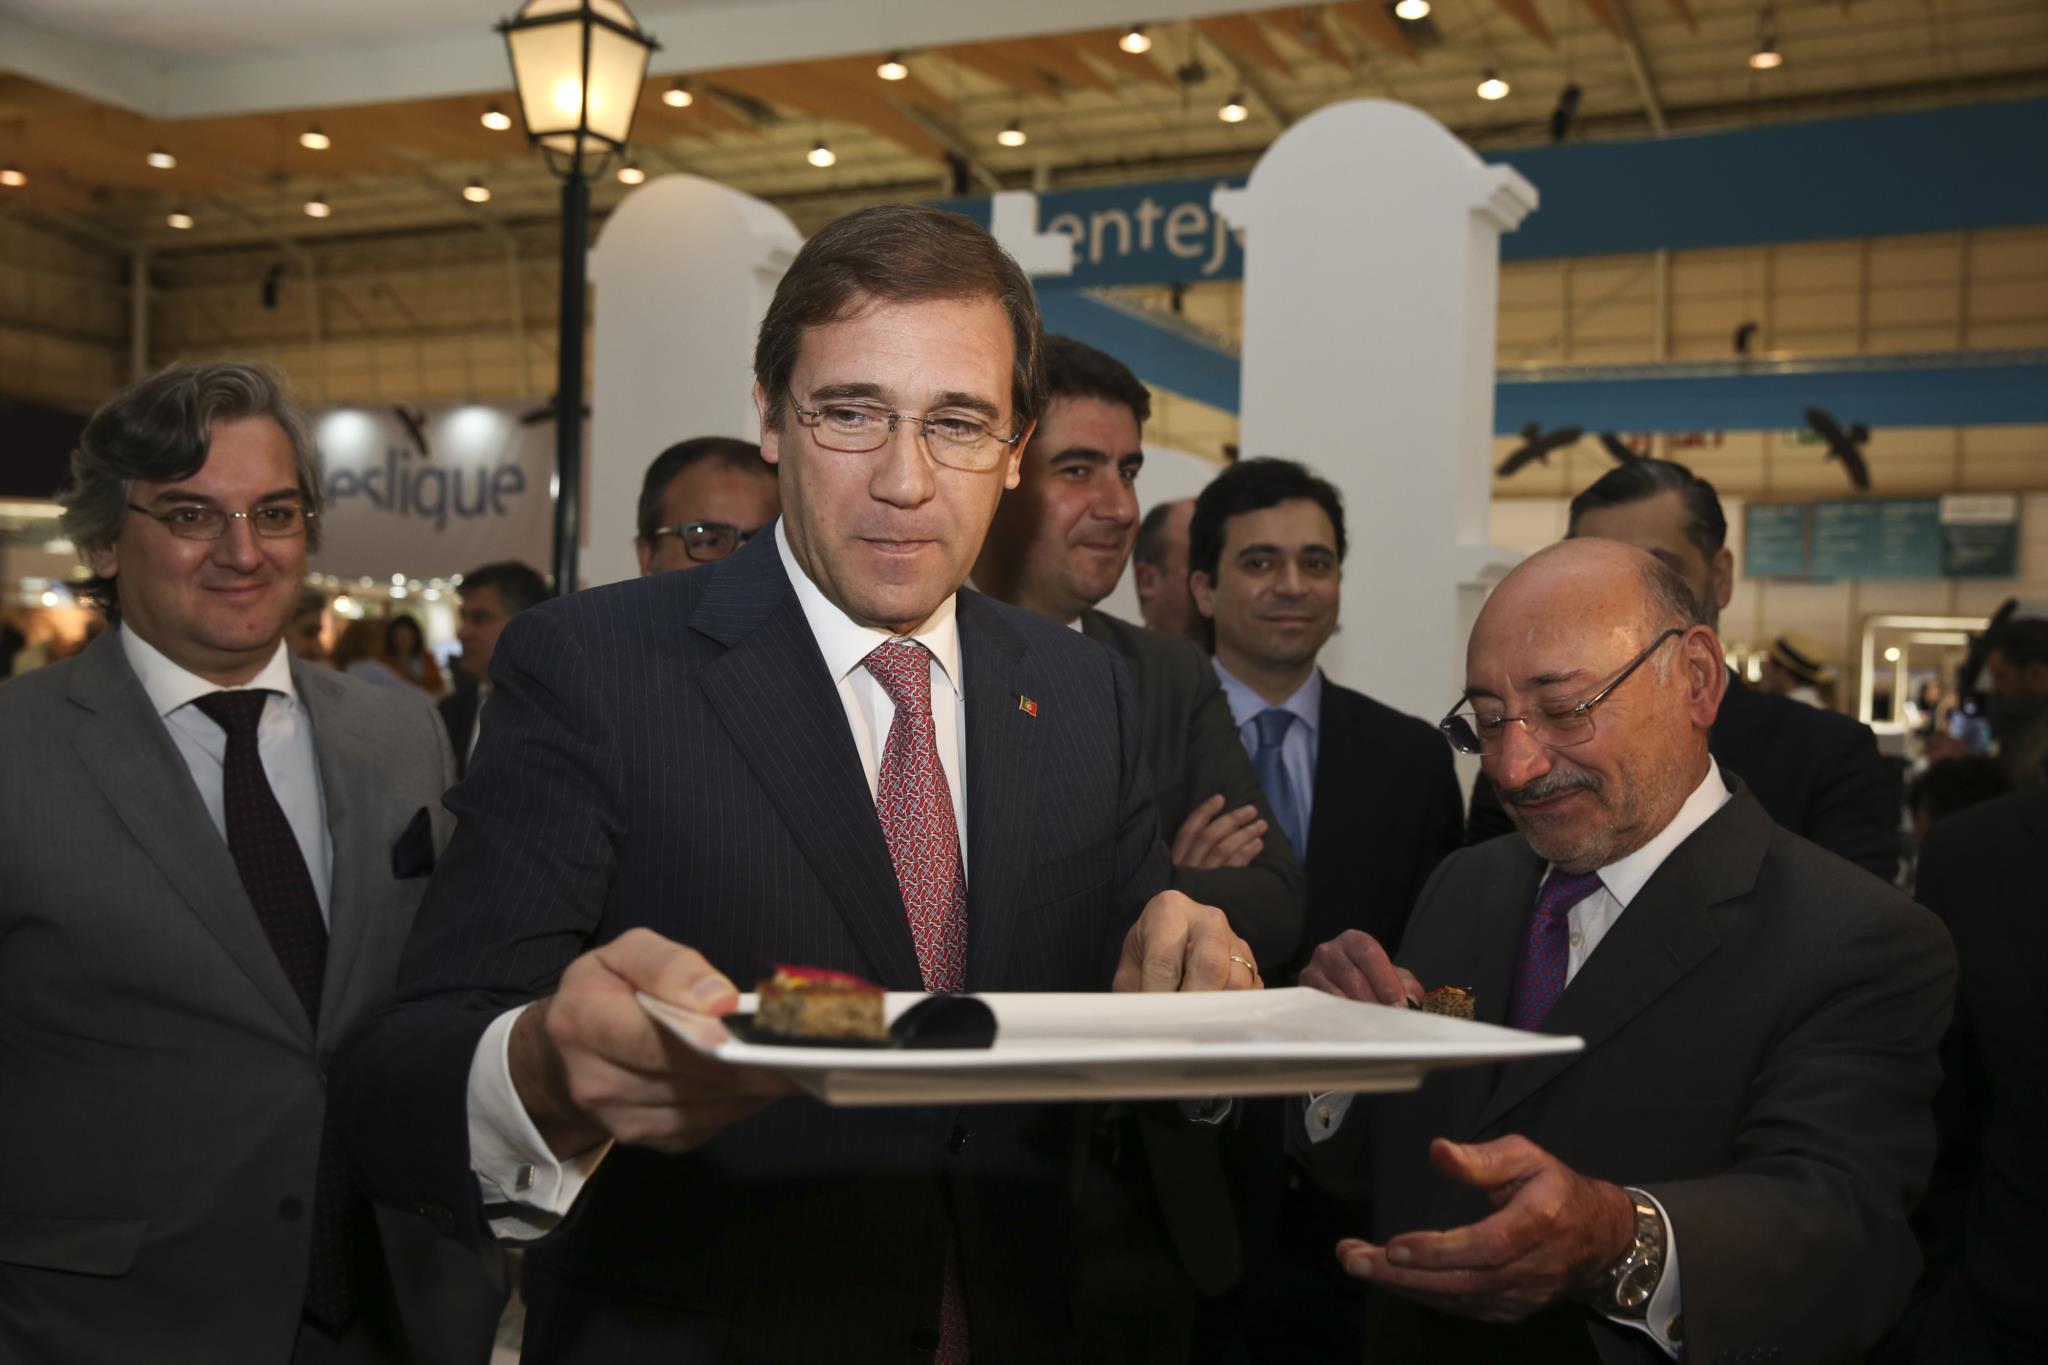 PÚBLICO - São José Almeida